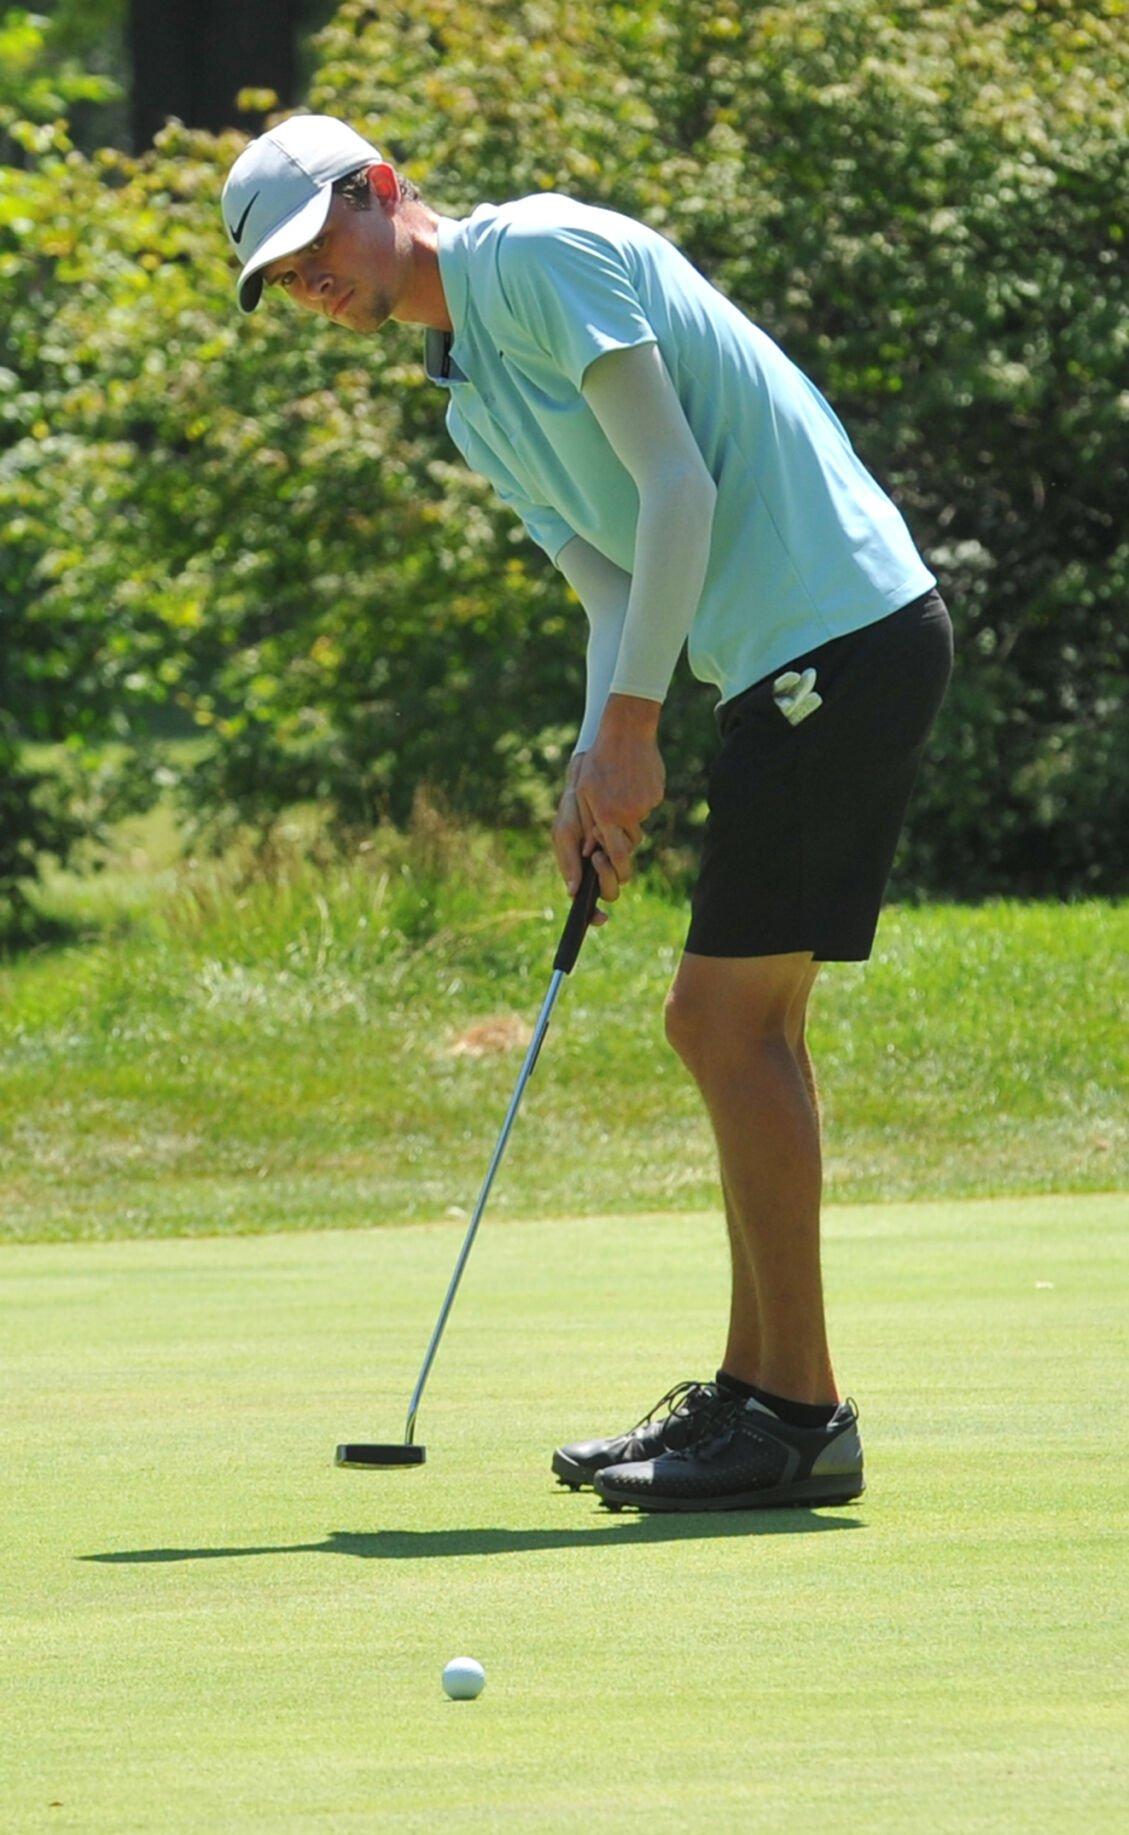 072620-qc-spt-qc amateur golf-090